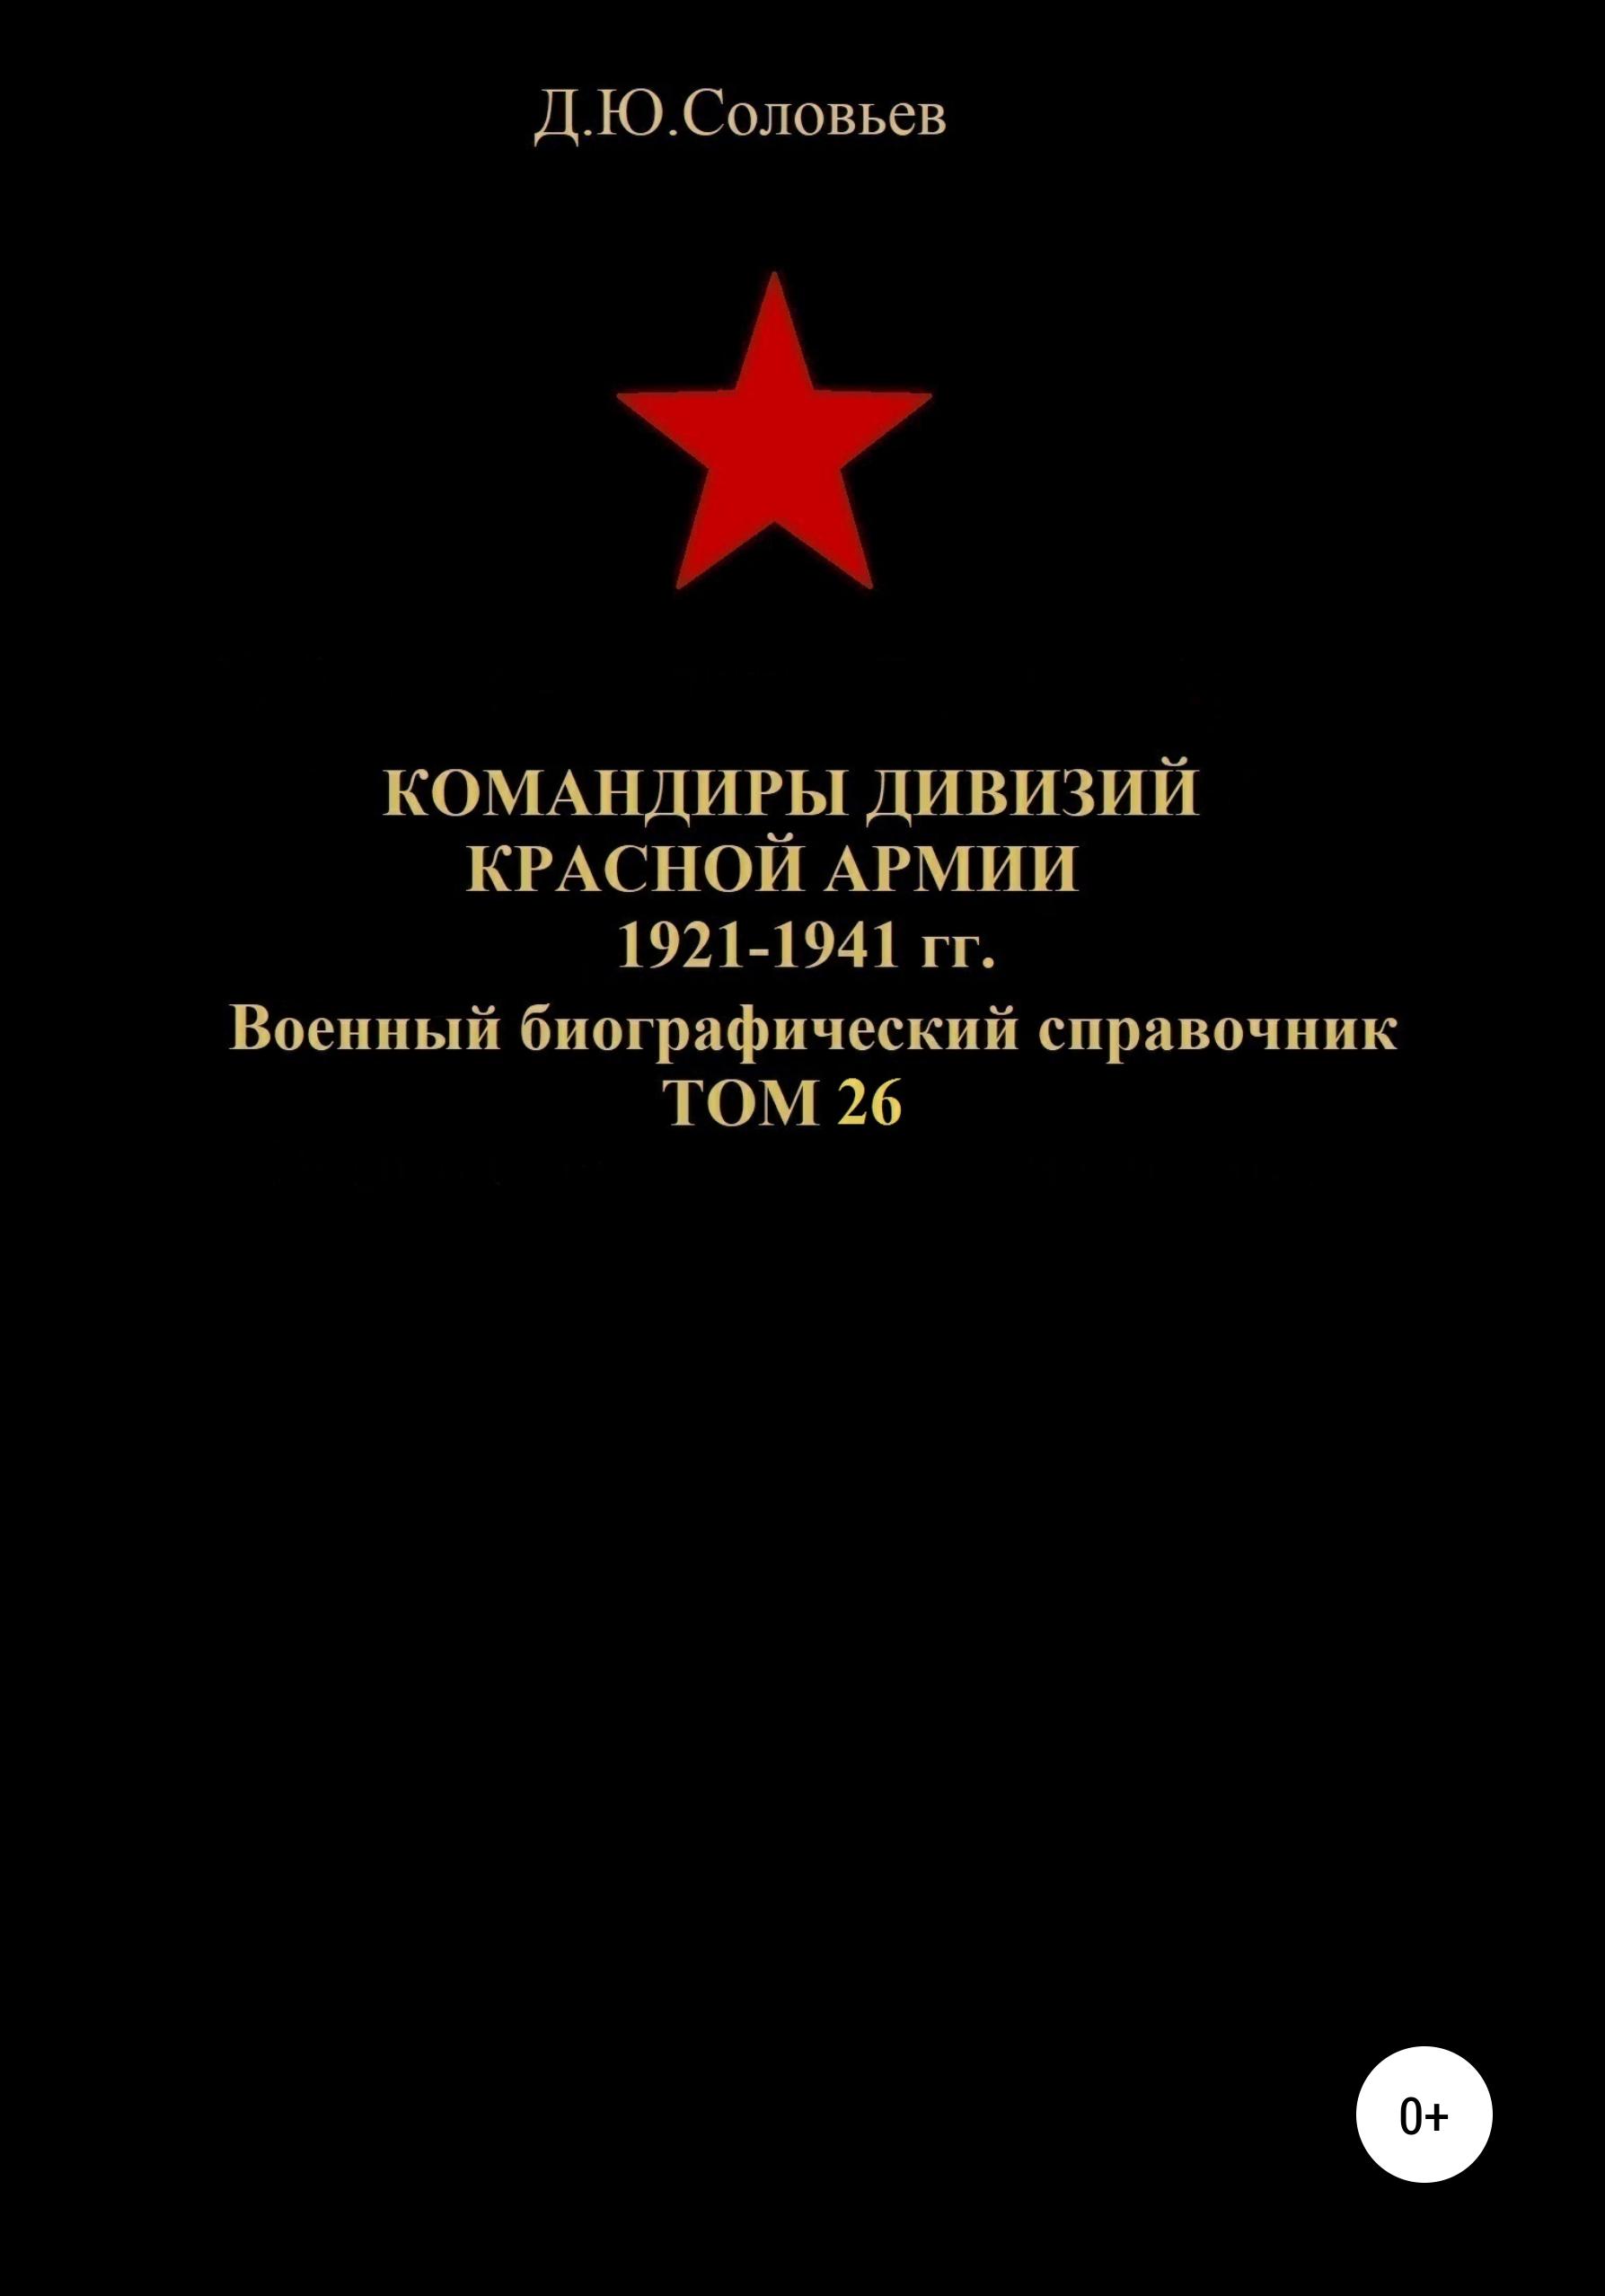 Командиры дивизий Красной Армии 1921-1941 гг. Том 26